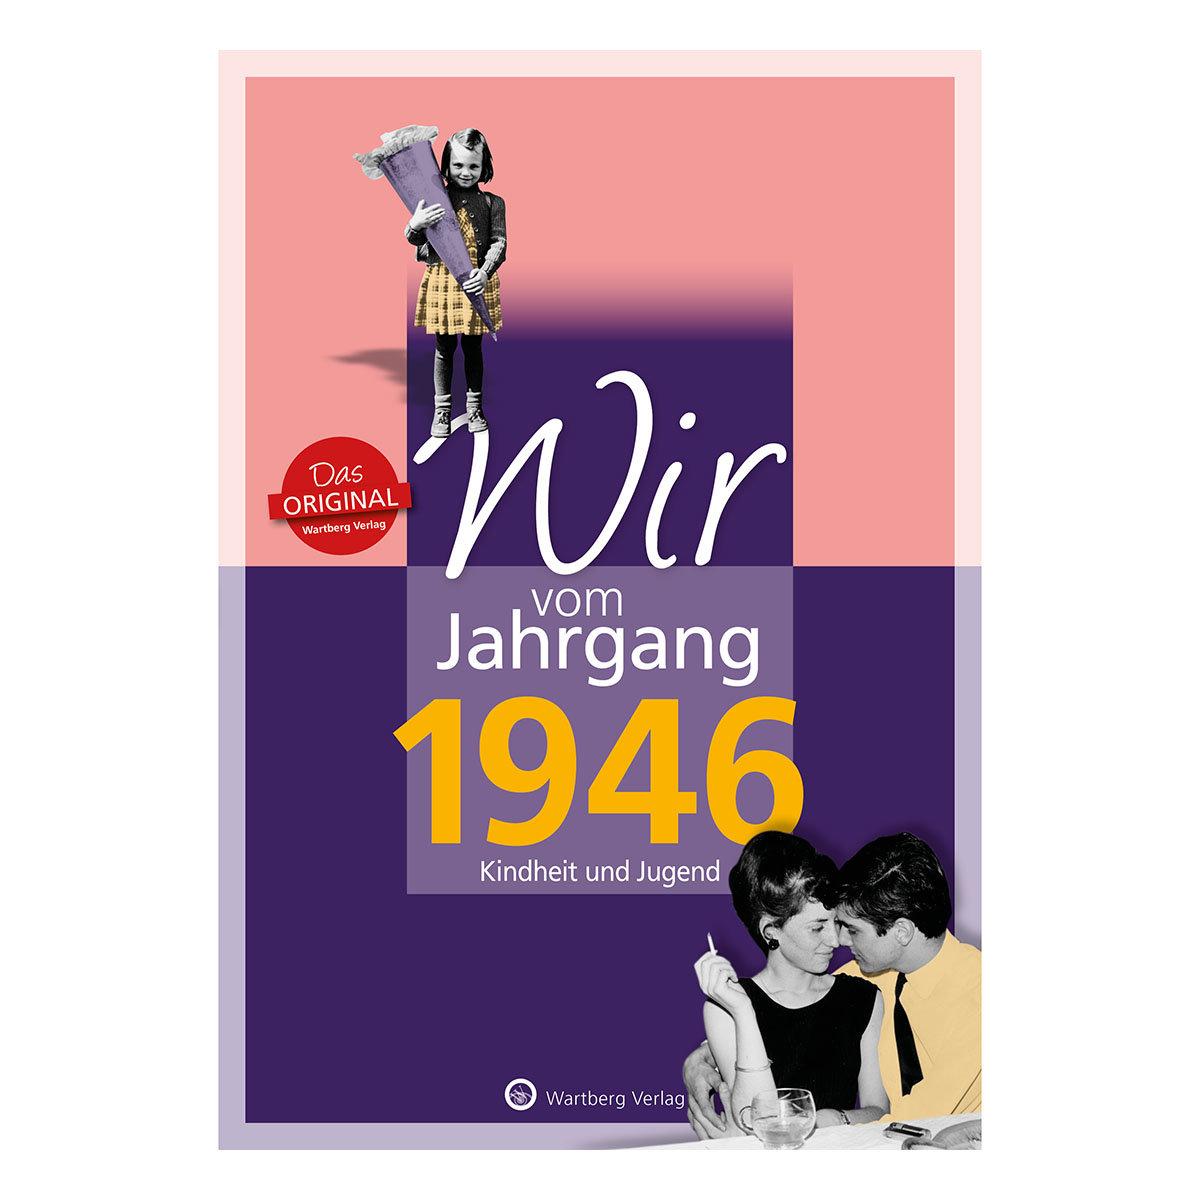 Wir vom Jahrgang 1946 - Kindheit und Jugend